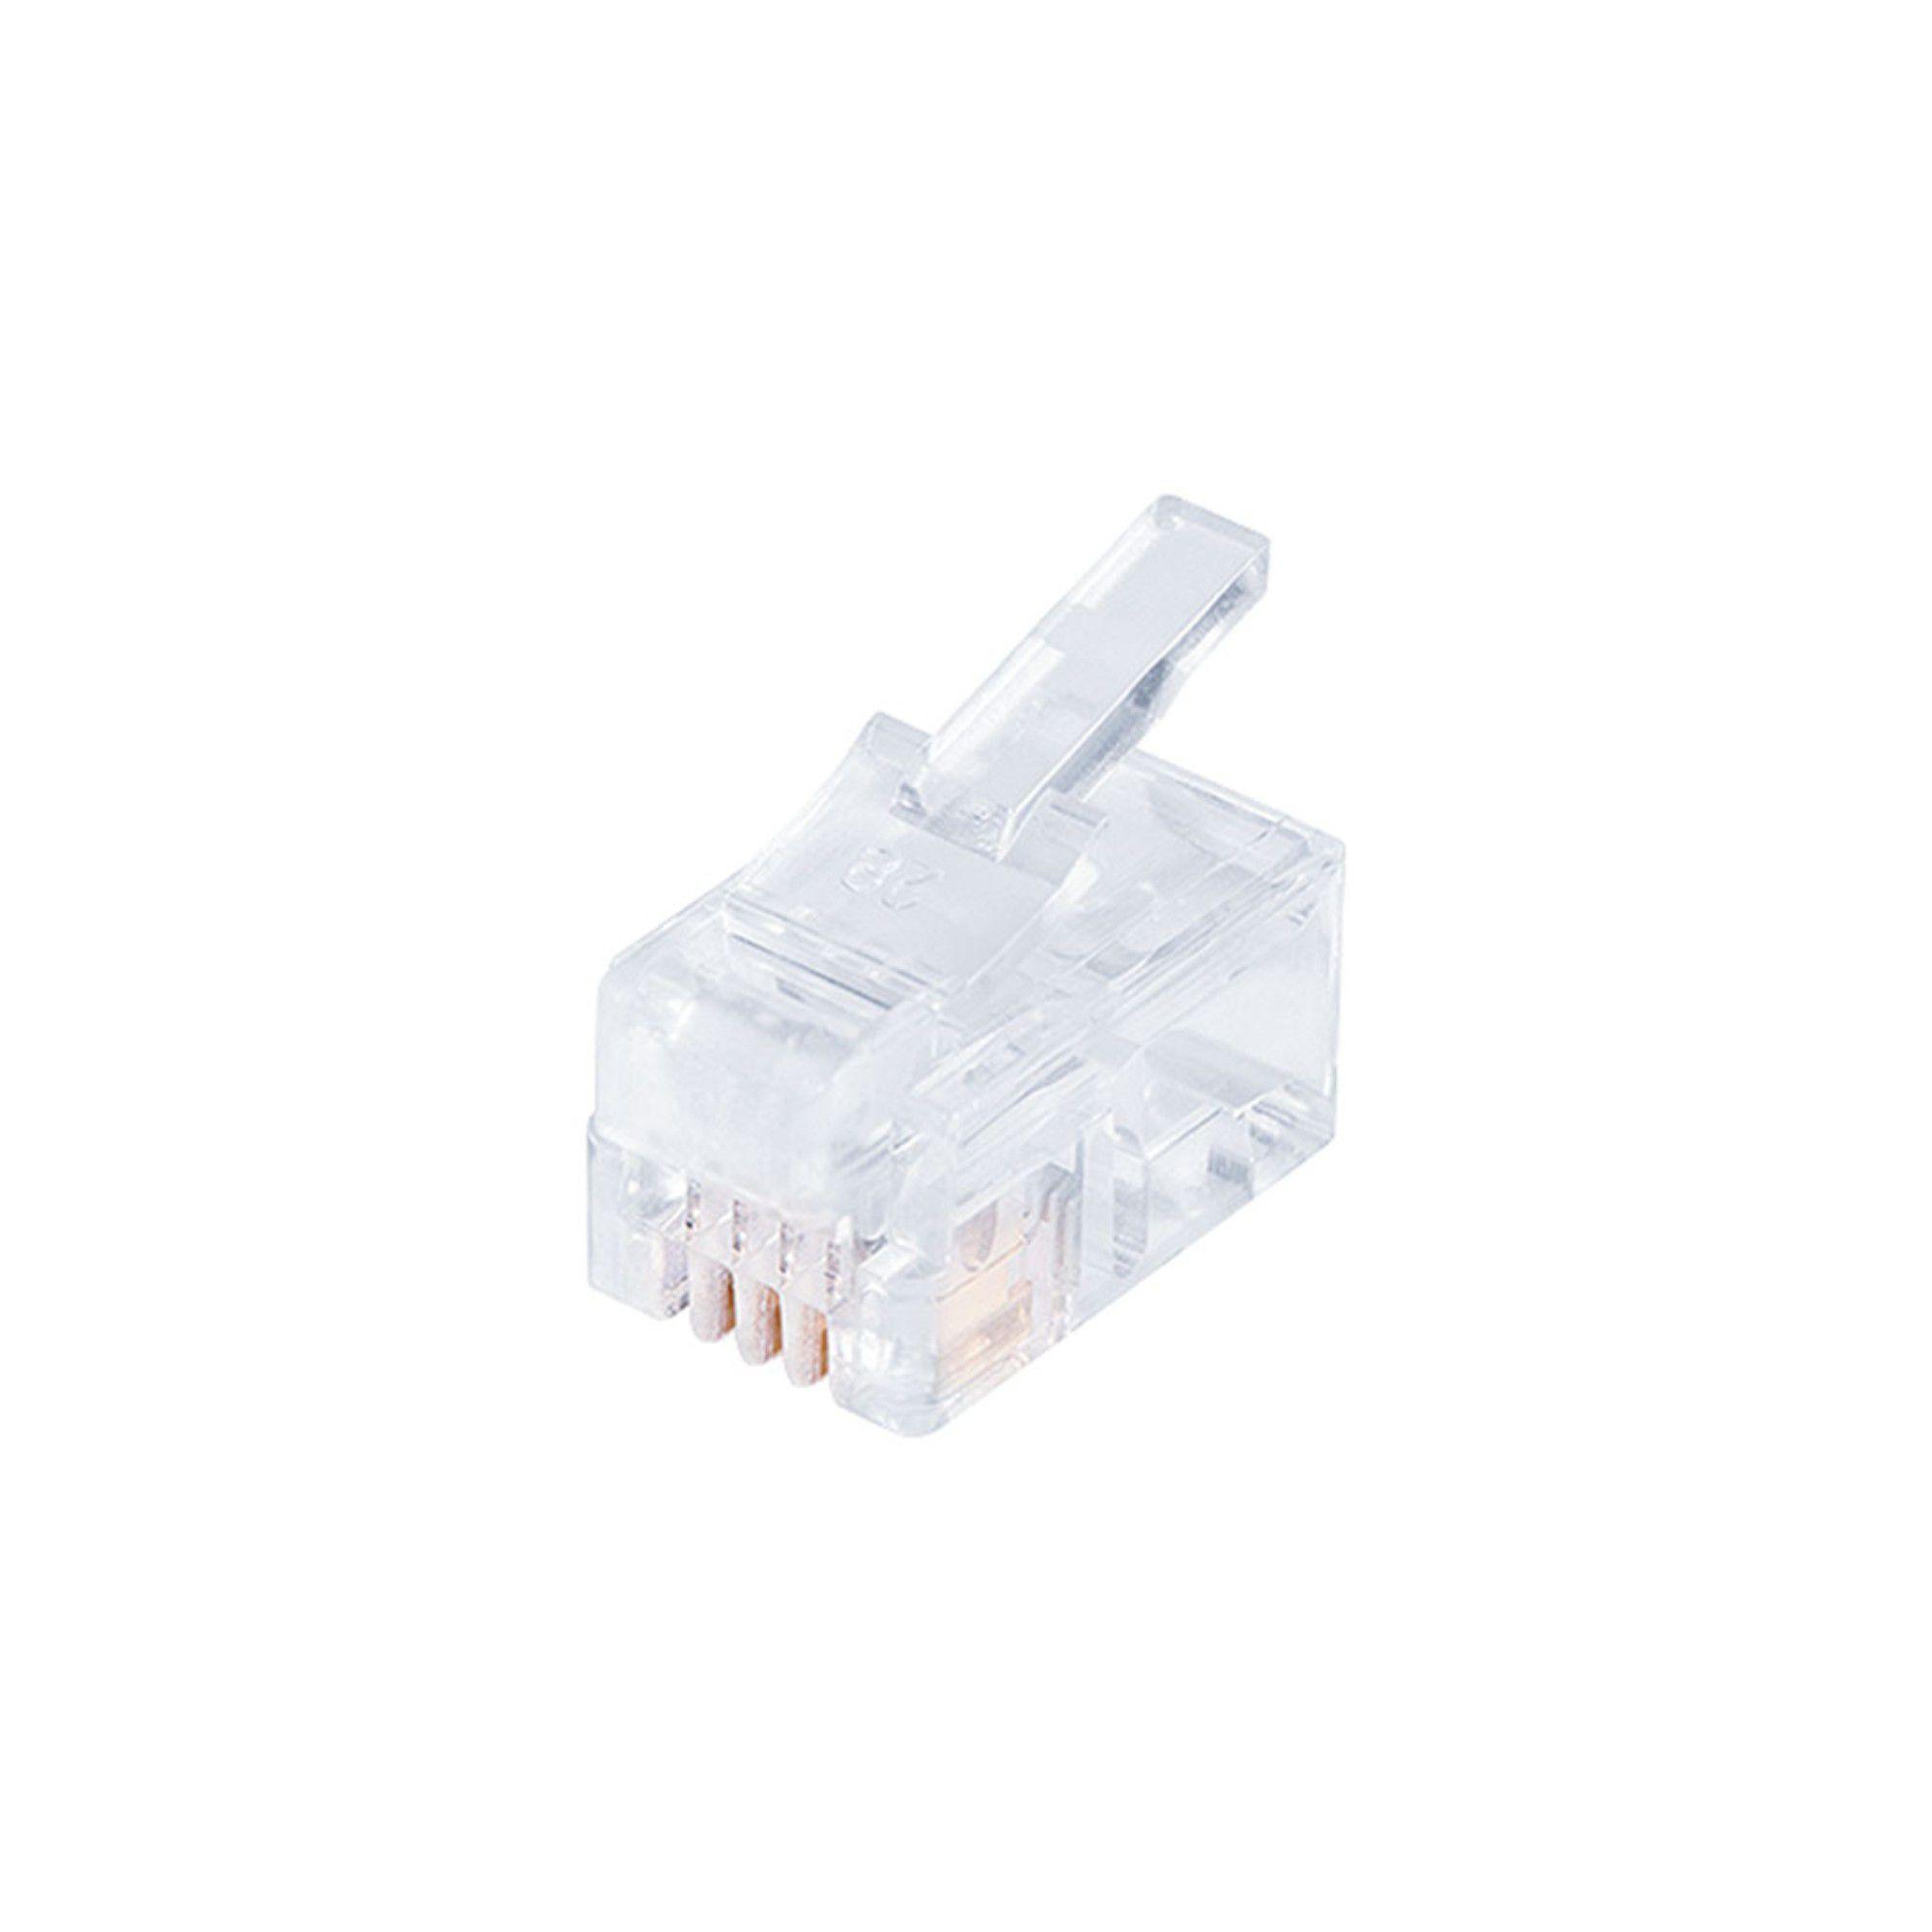 Conector RJ11 - 20 unidades